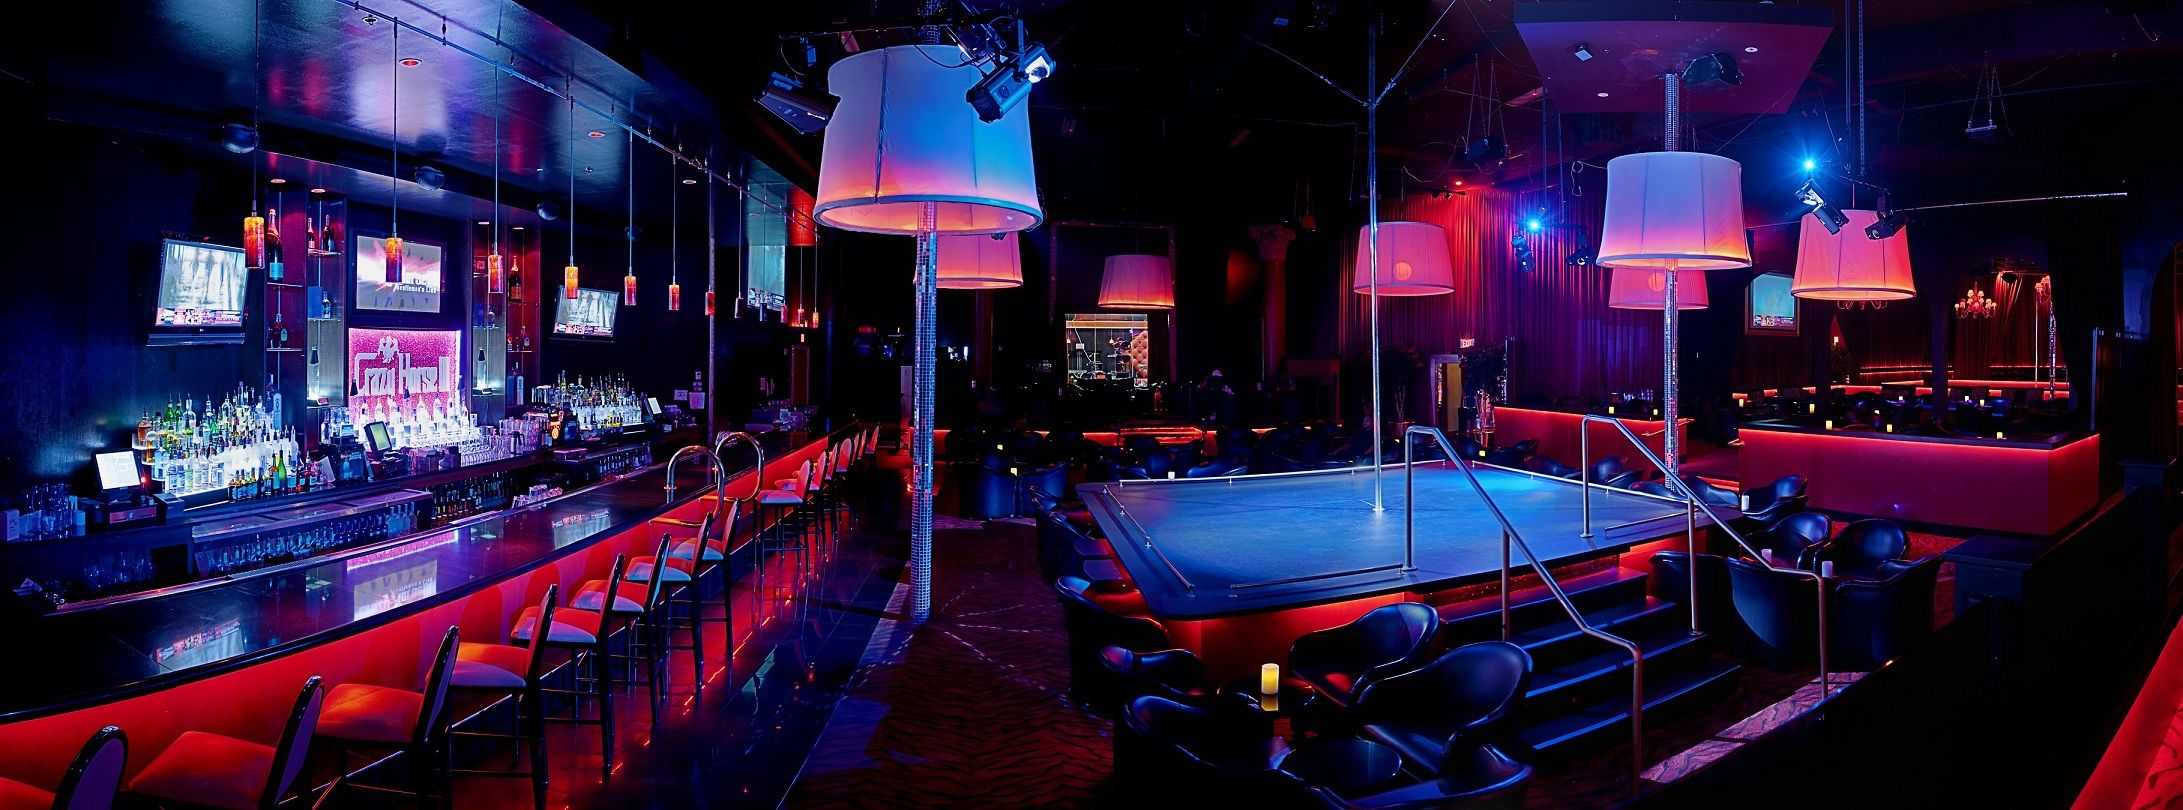 Beauty strip clubs in houston